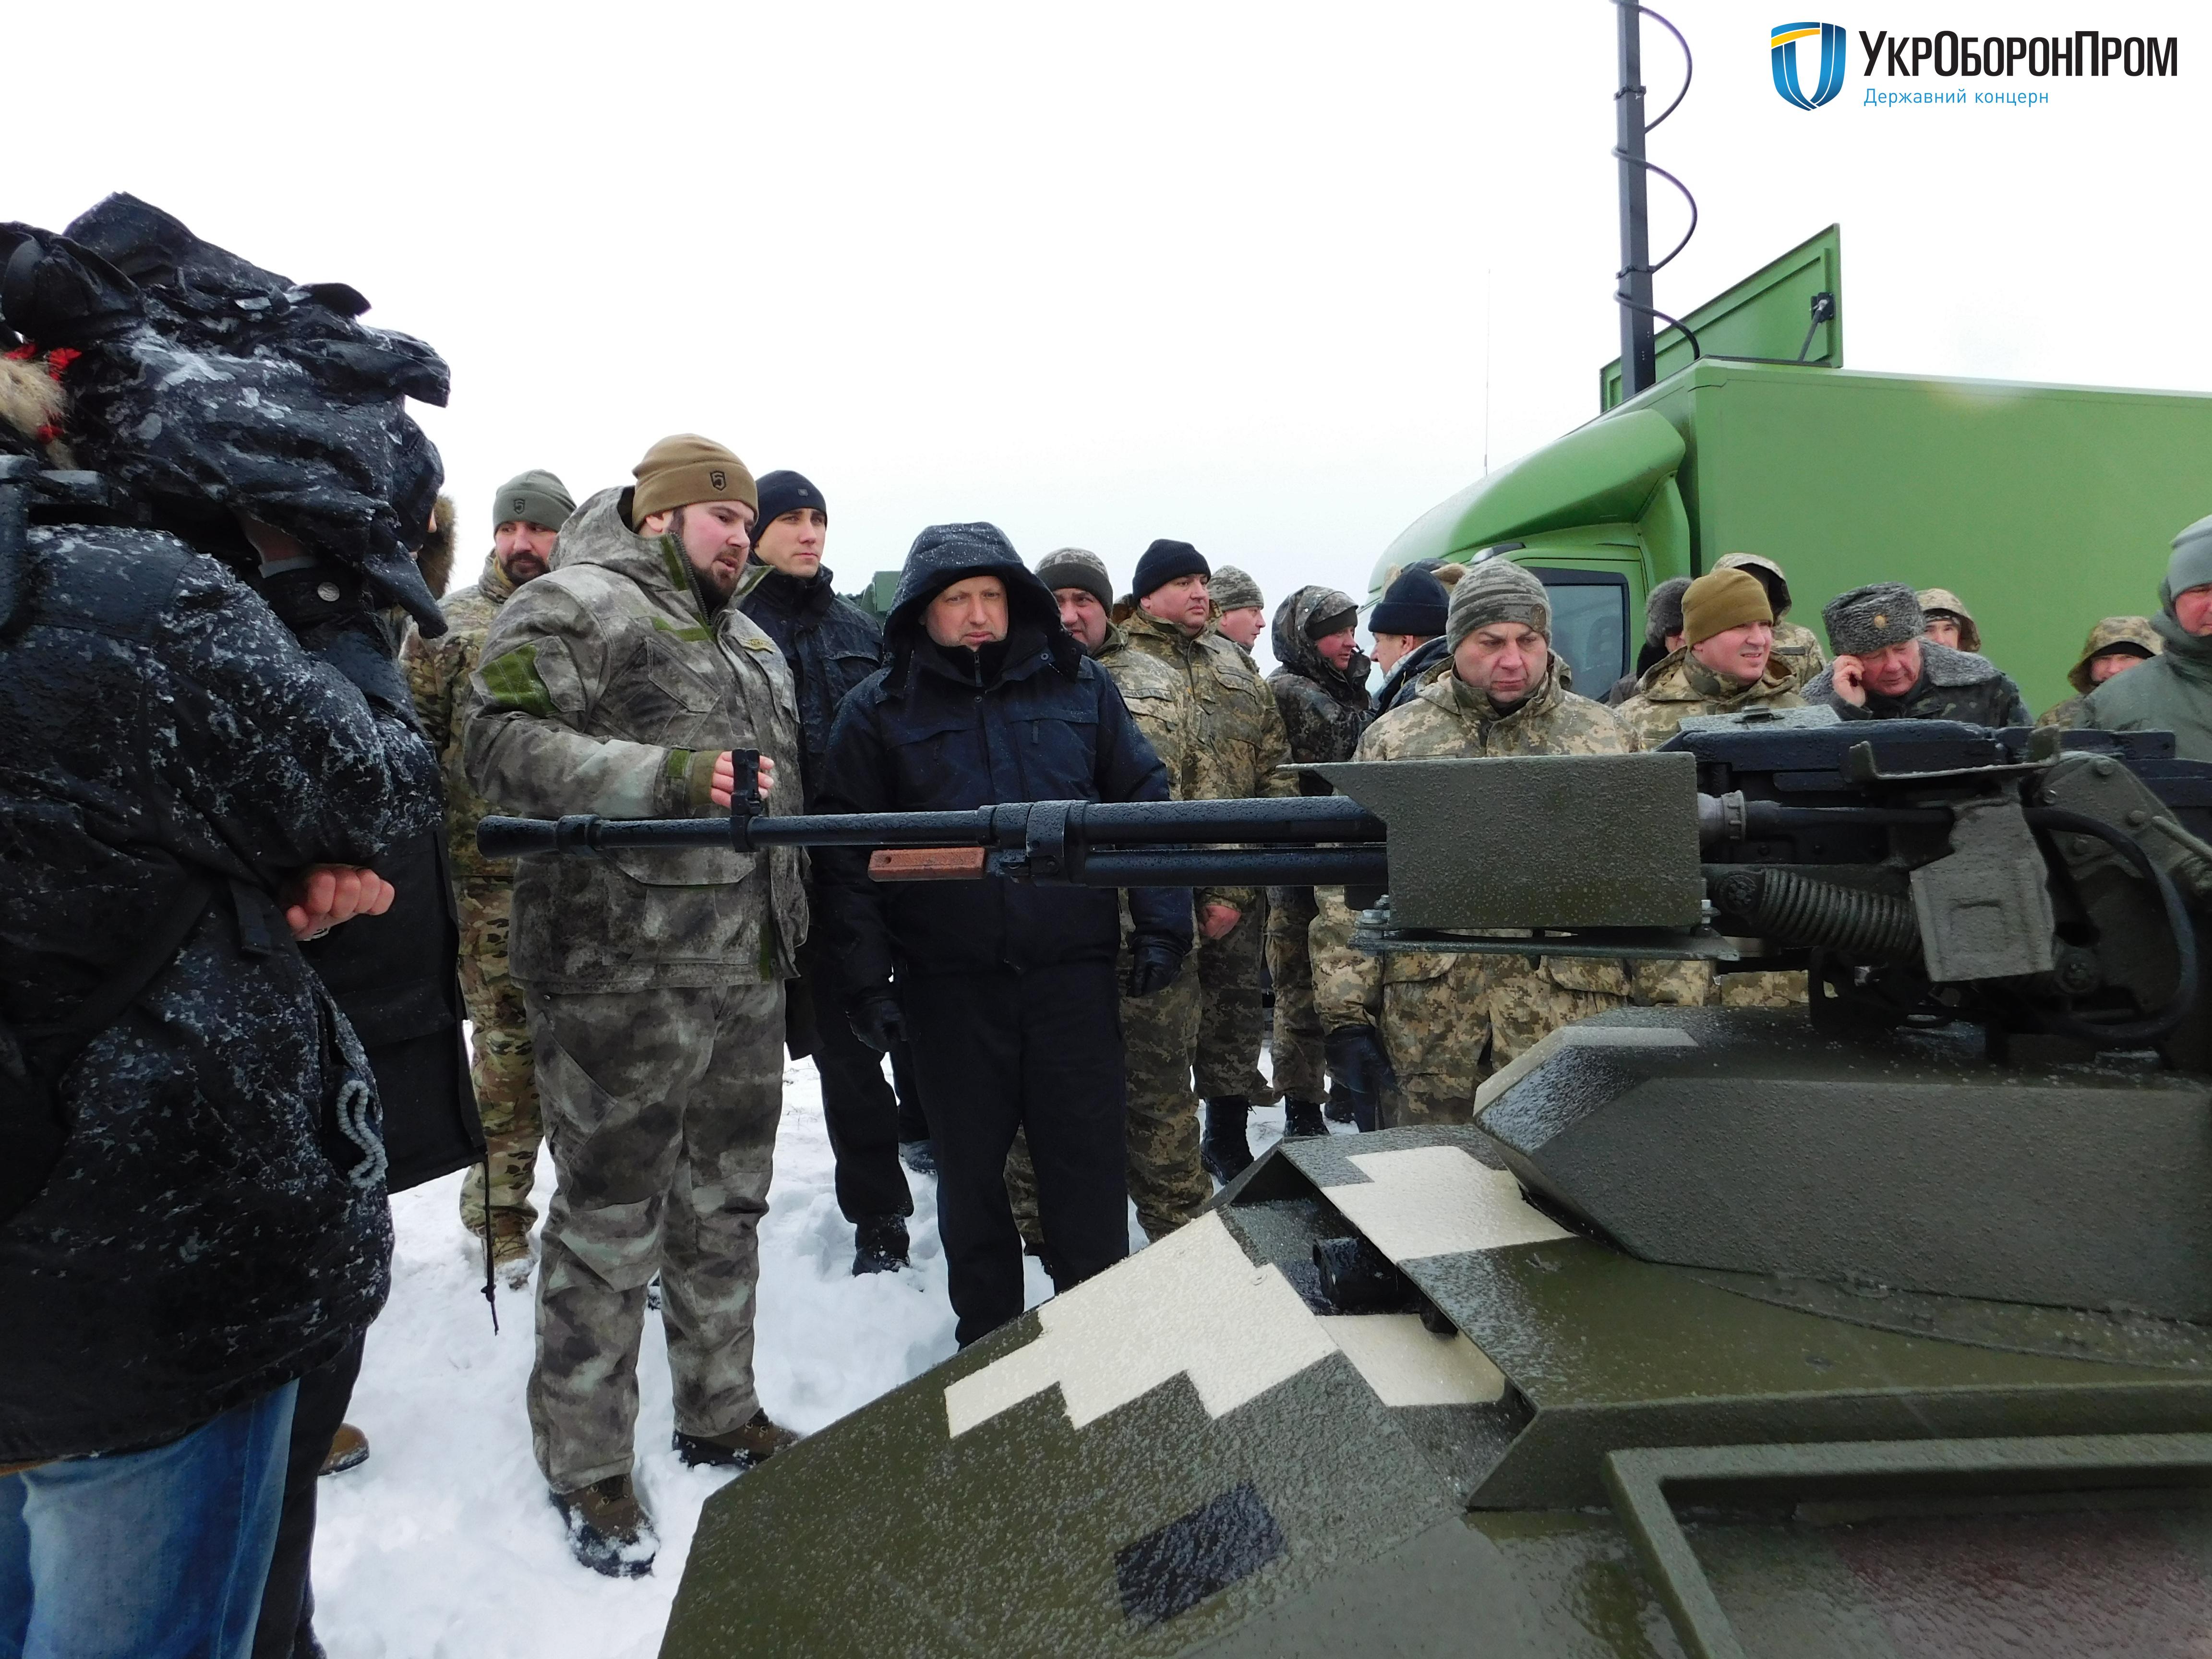 Появилось видео испытаний беспилотного «воина будущего»— БТР Фантом украинского производства